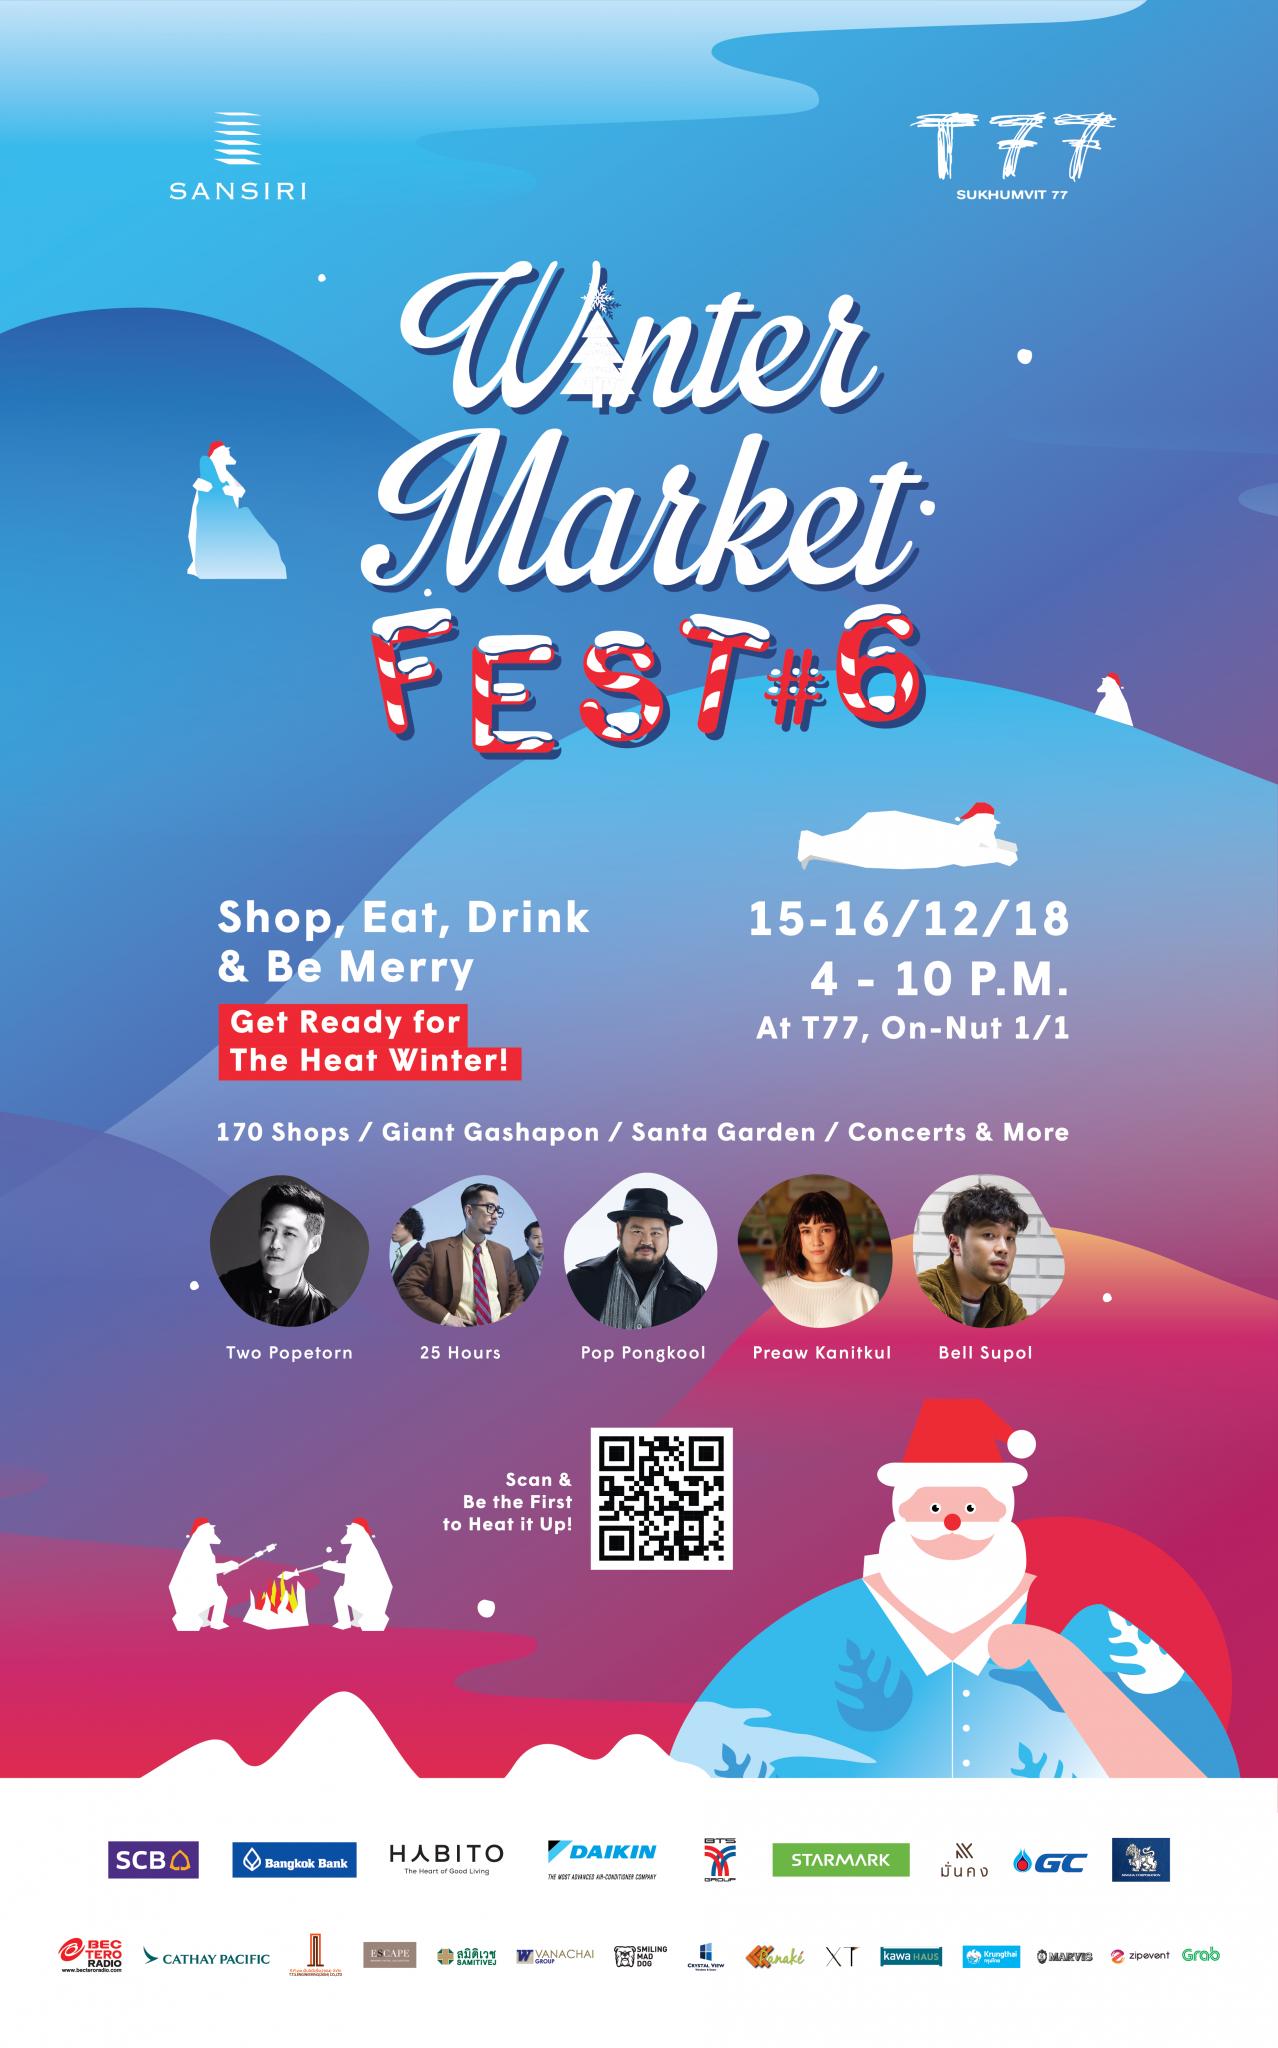 """สิ้นสุดการรอคอย! """"Winter Market Fest #6"""" กับธีม Heat Winter ช้อปเพลิน เดินชิลล์ในสไตล์ลดโลกร้อน สุขแบบหลอมละลายกันให้สุดๆ ส่งท้ายปี 13 -"""